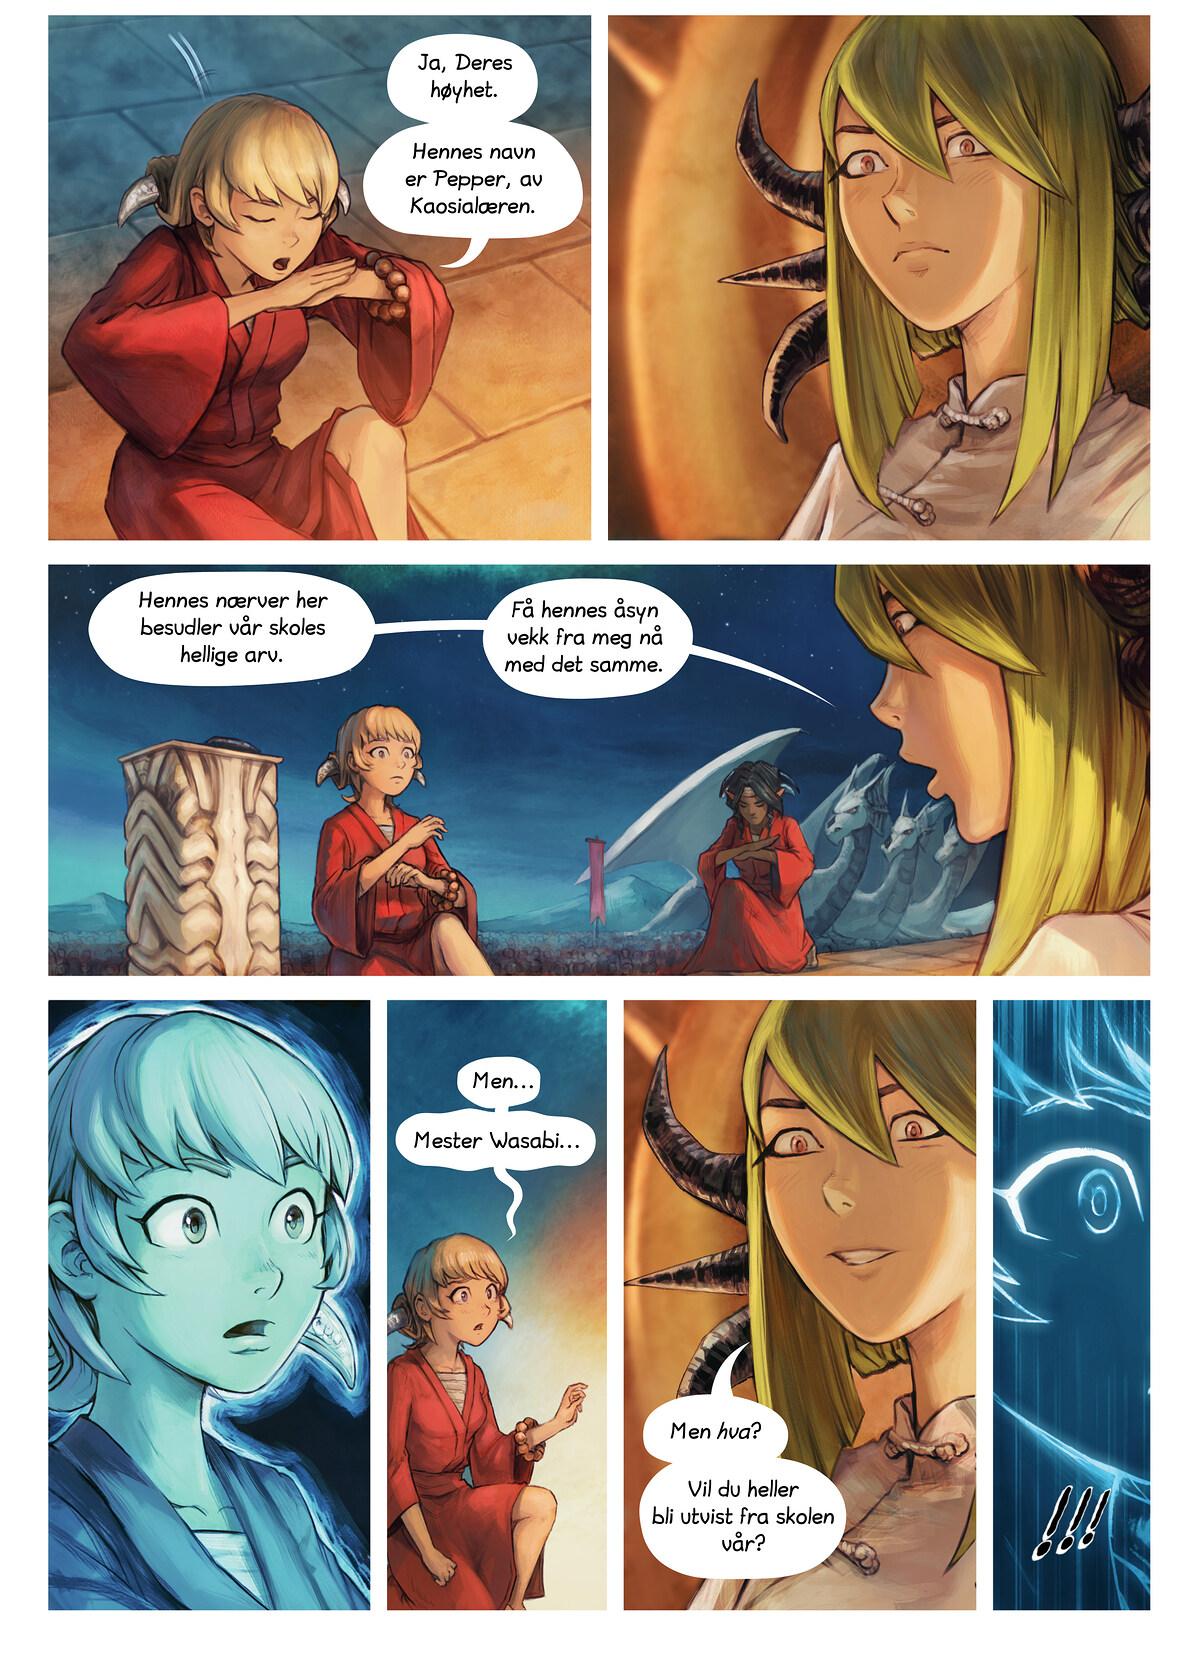 Episode 34: Shichimi slås til ridder, Page 4